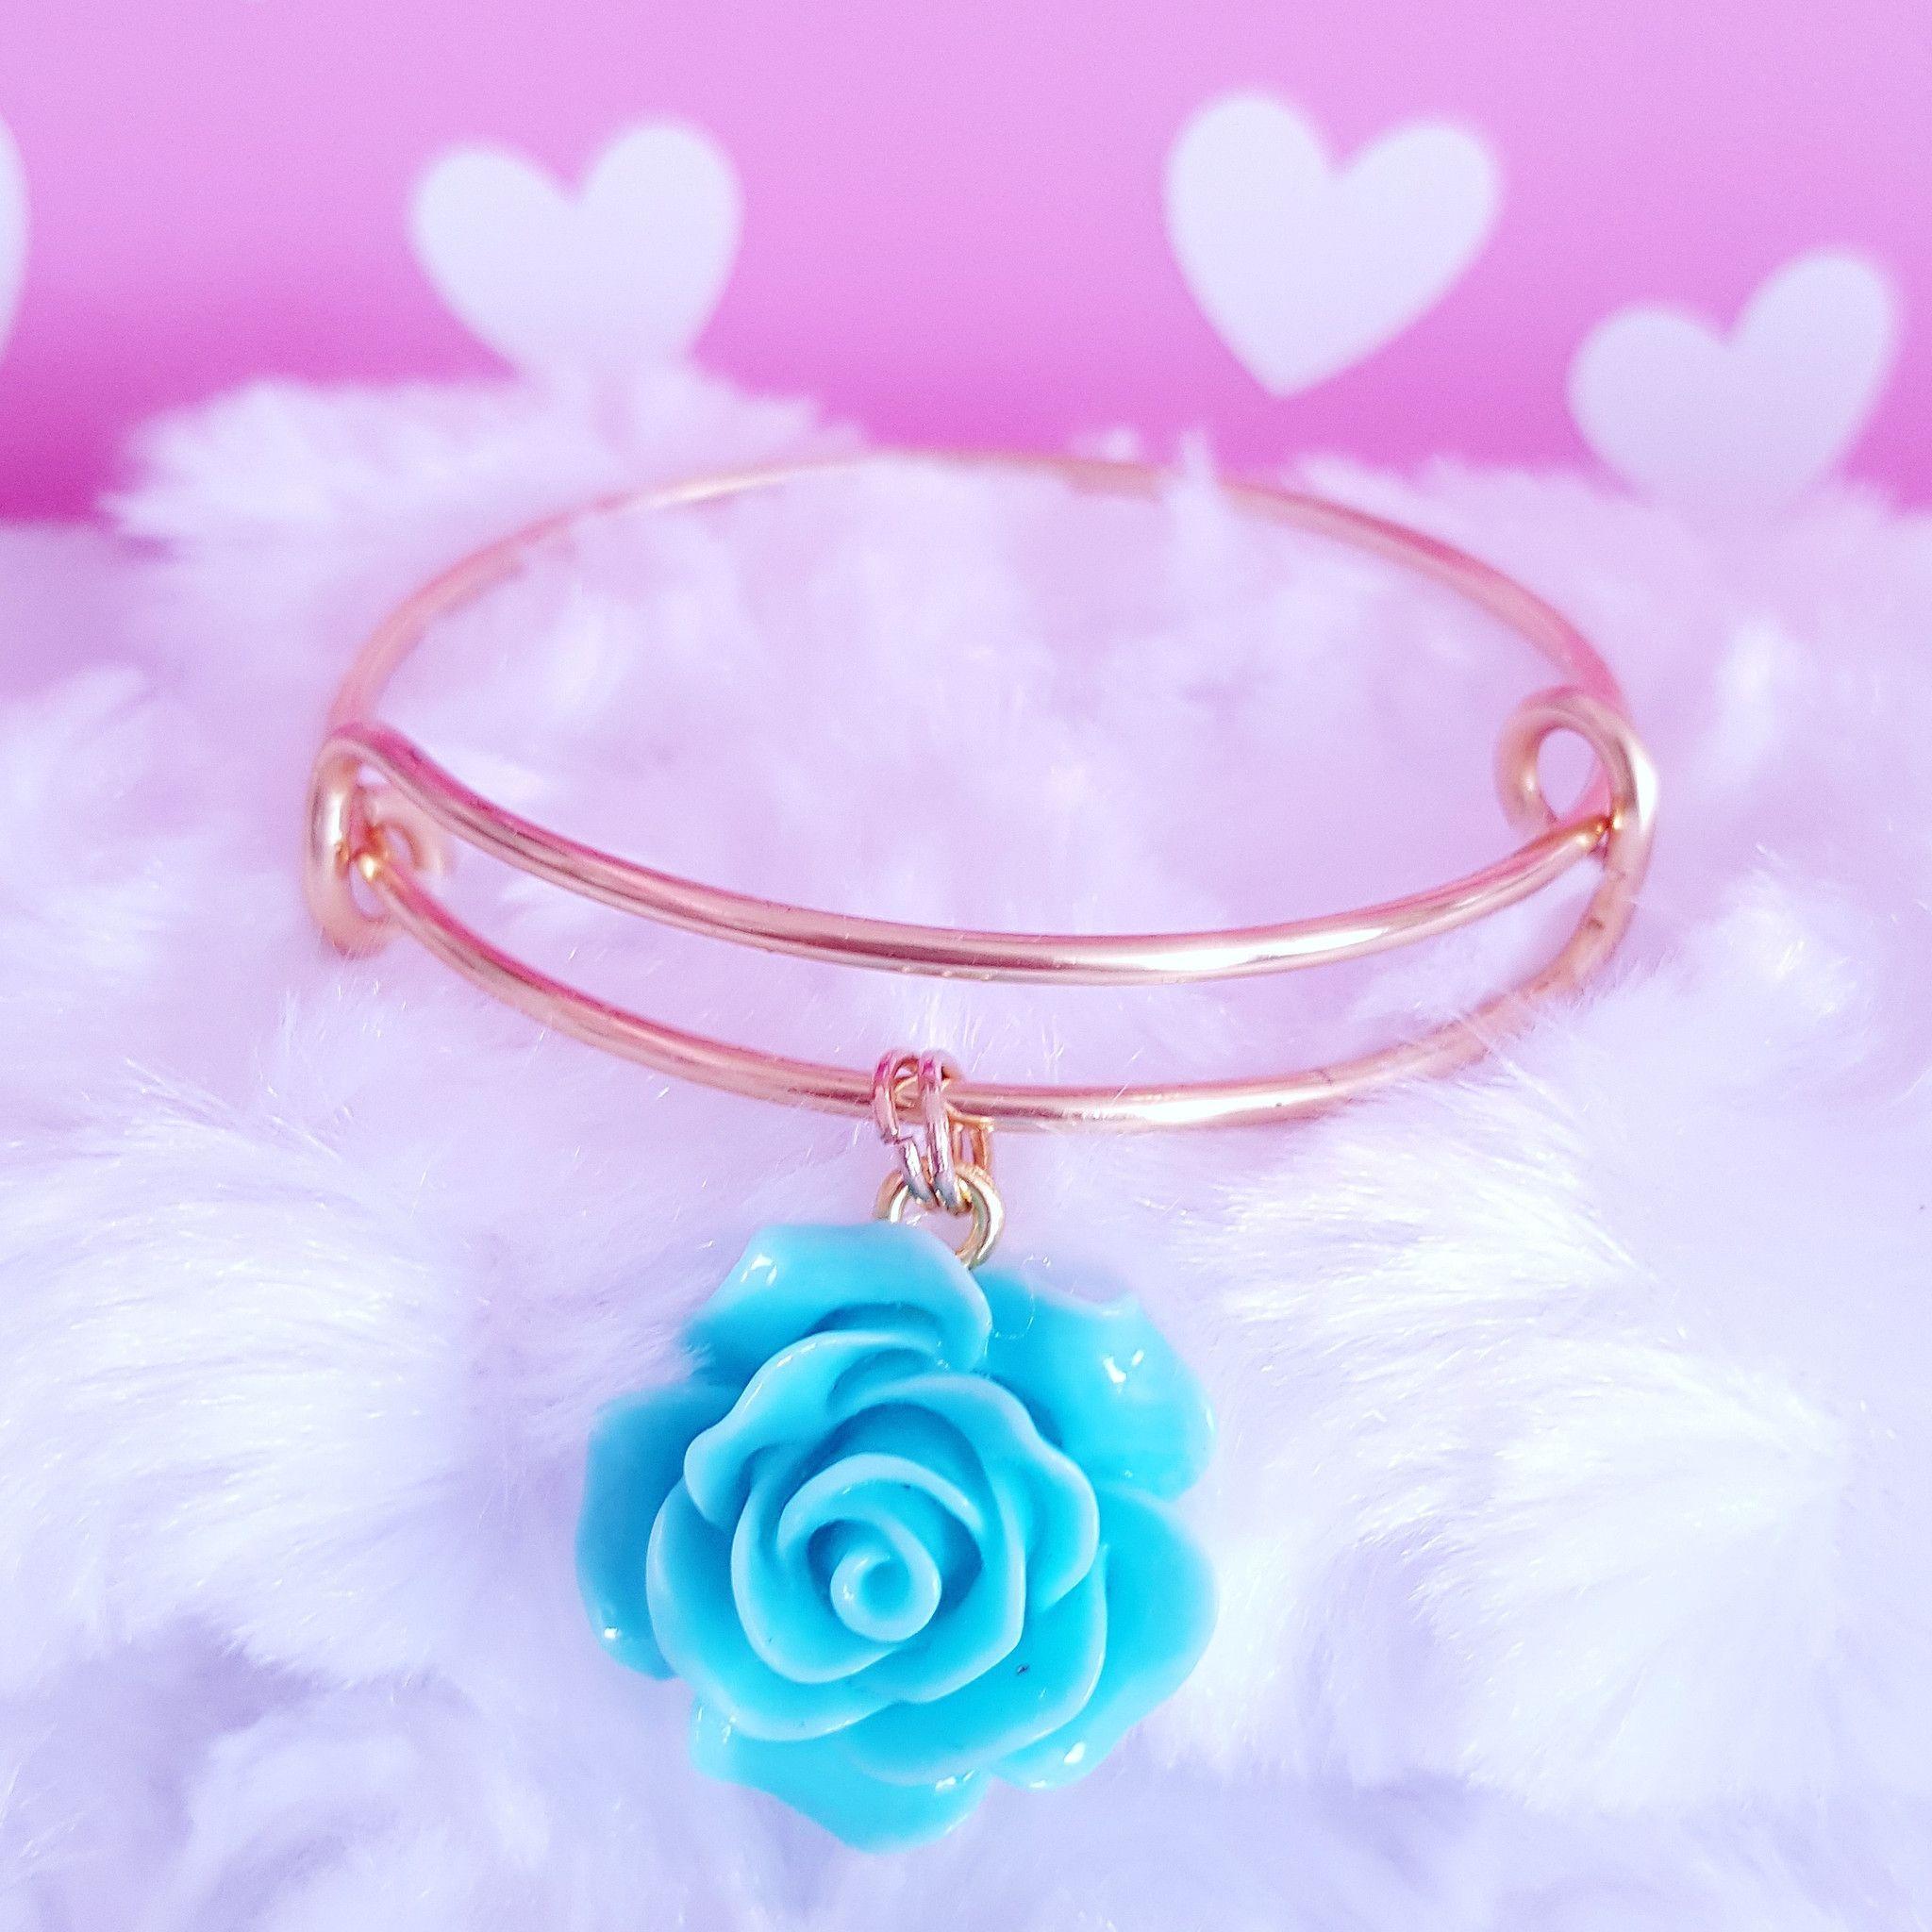 Flower Charm Bangle Bracelet